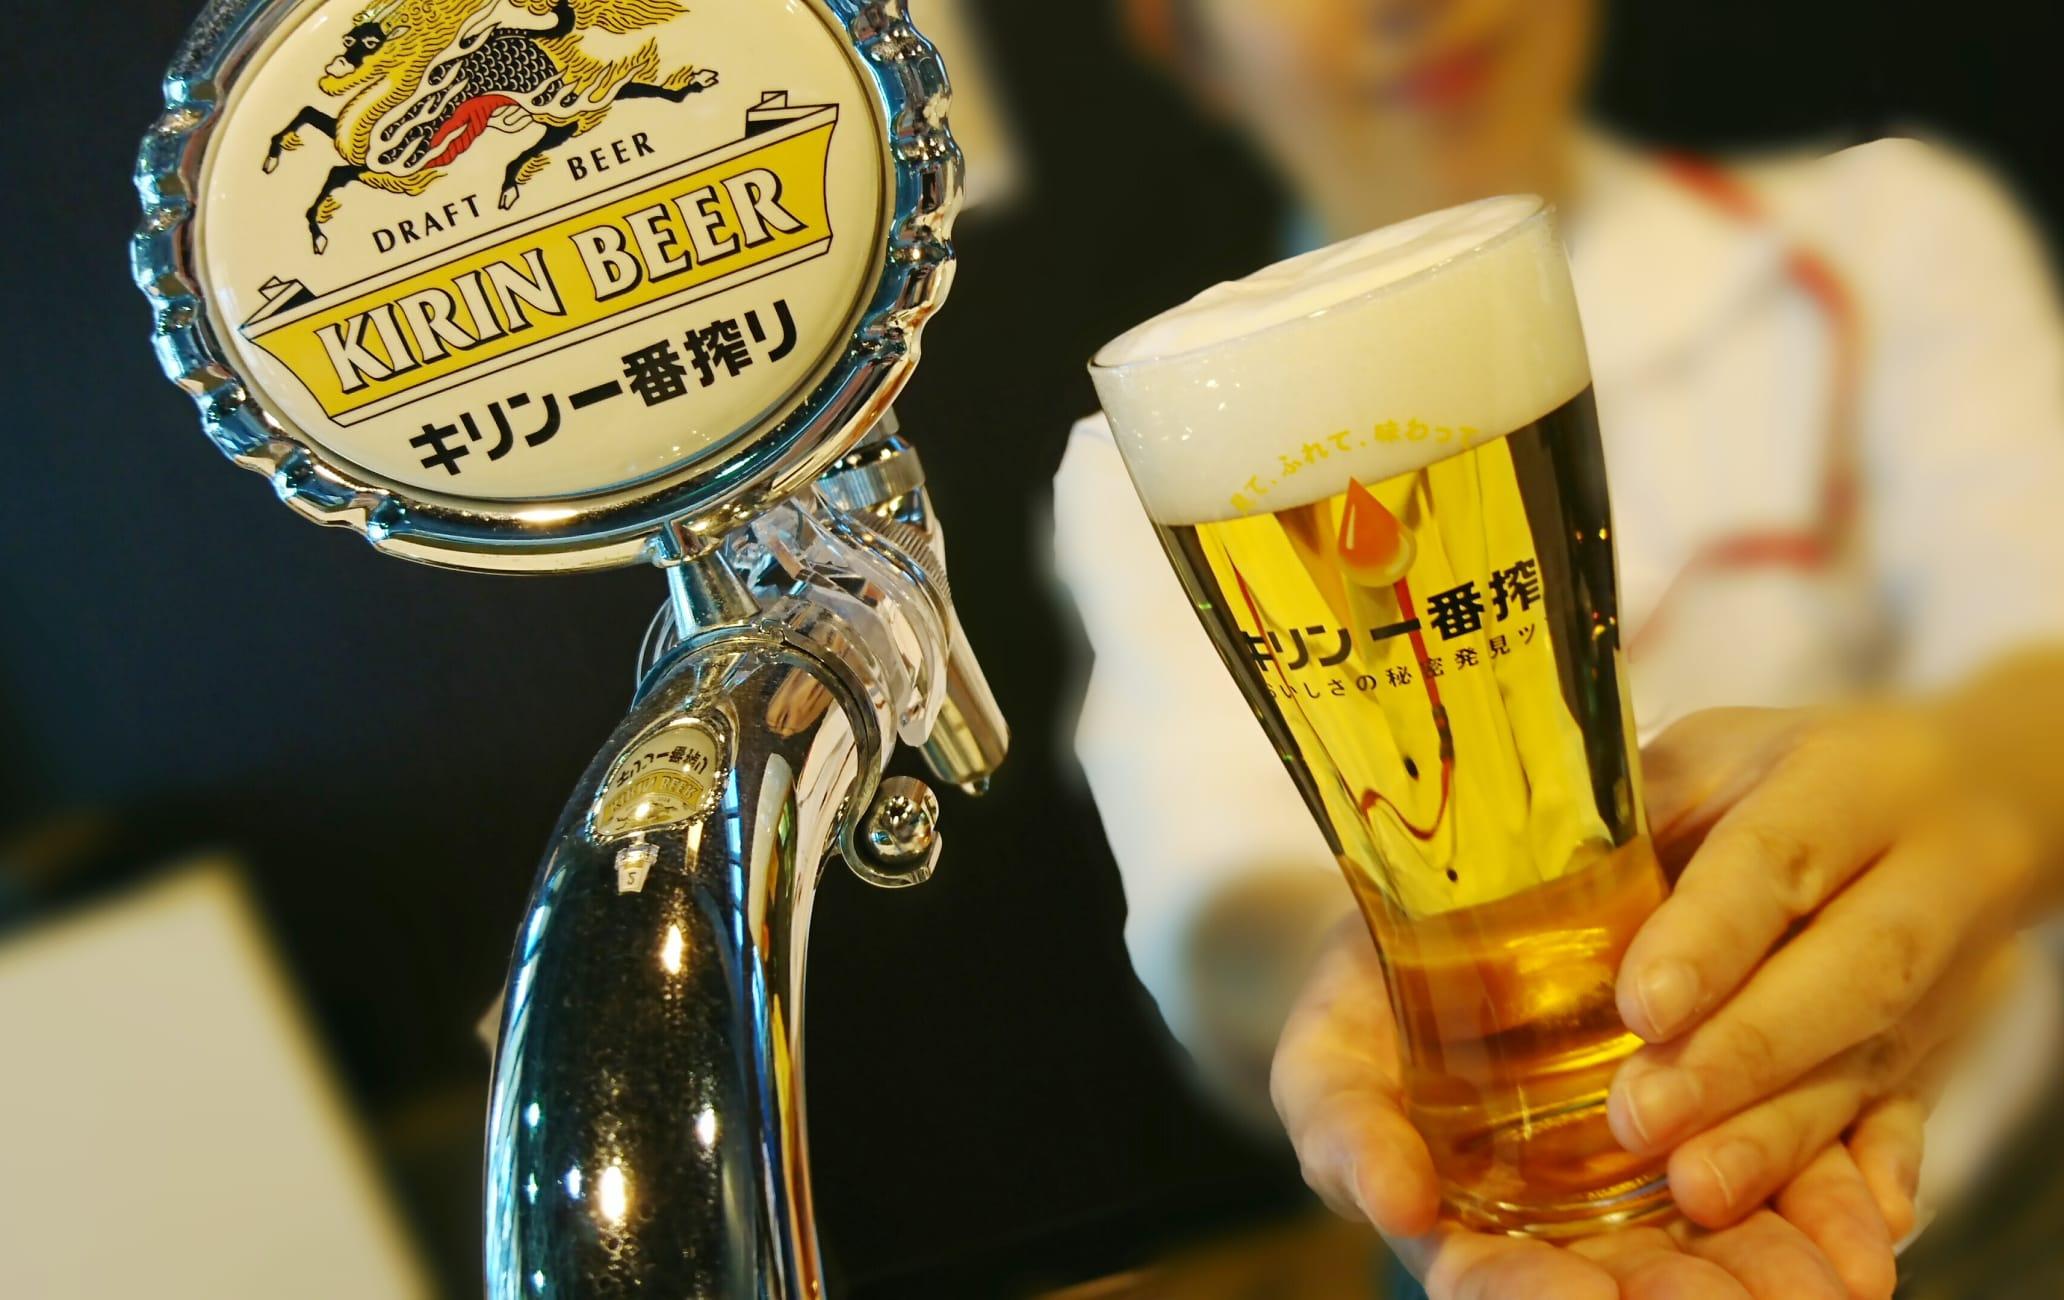 Kirin Beer Village